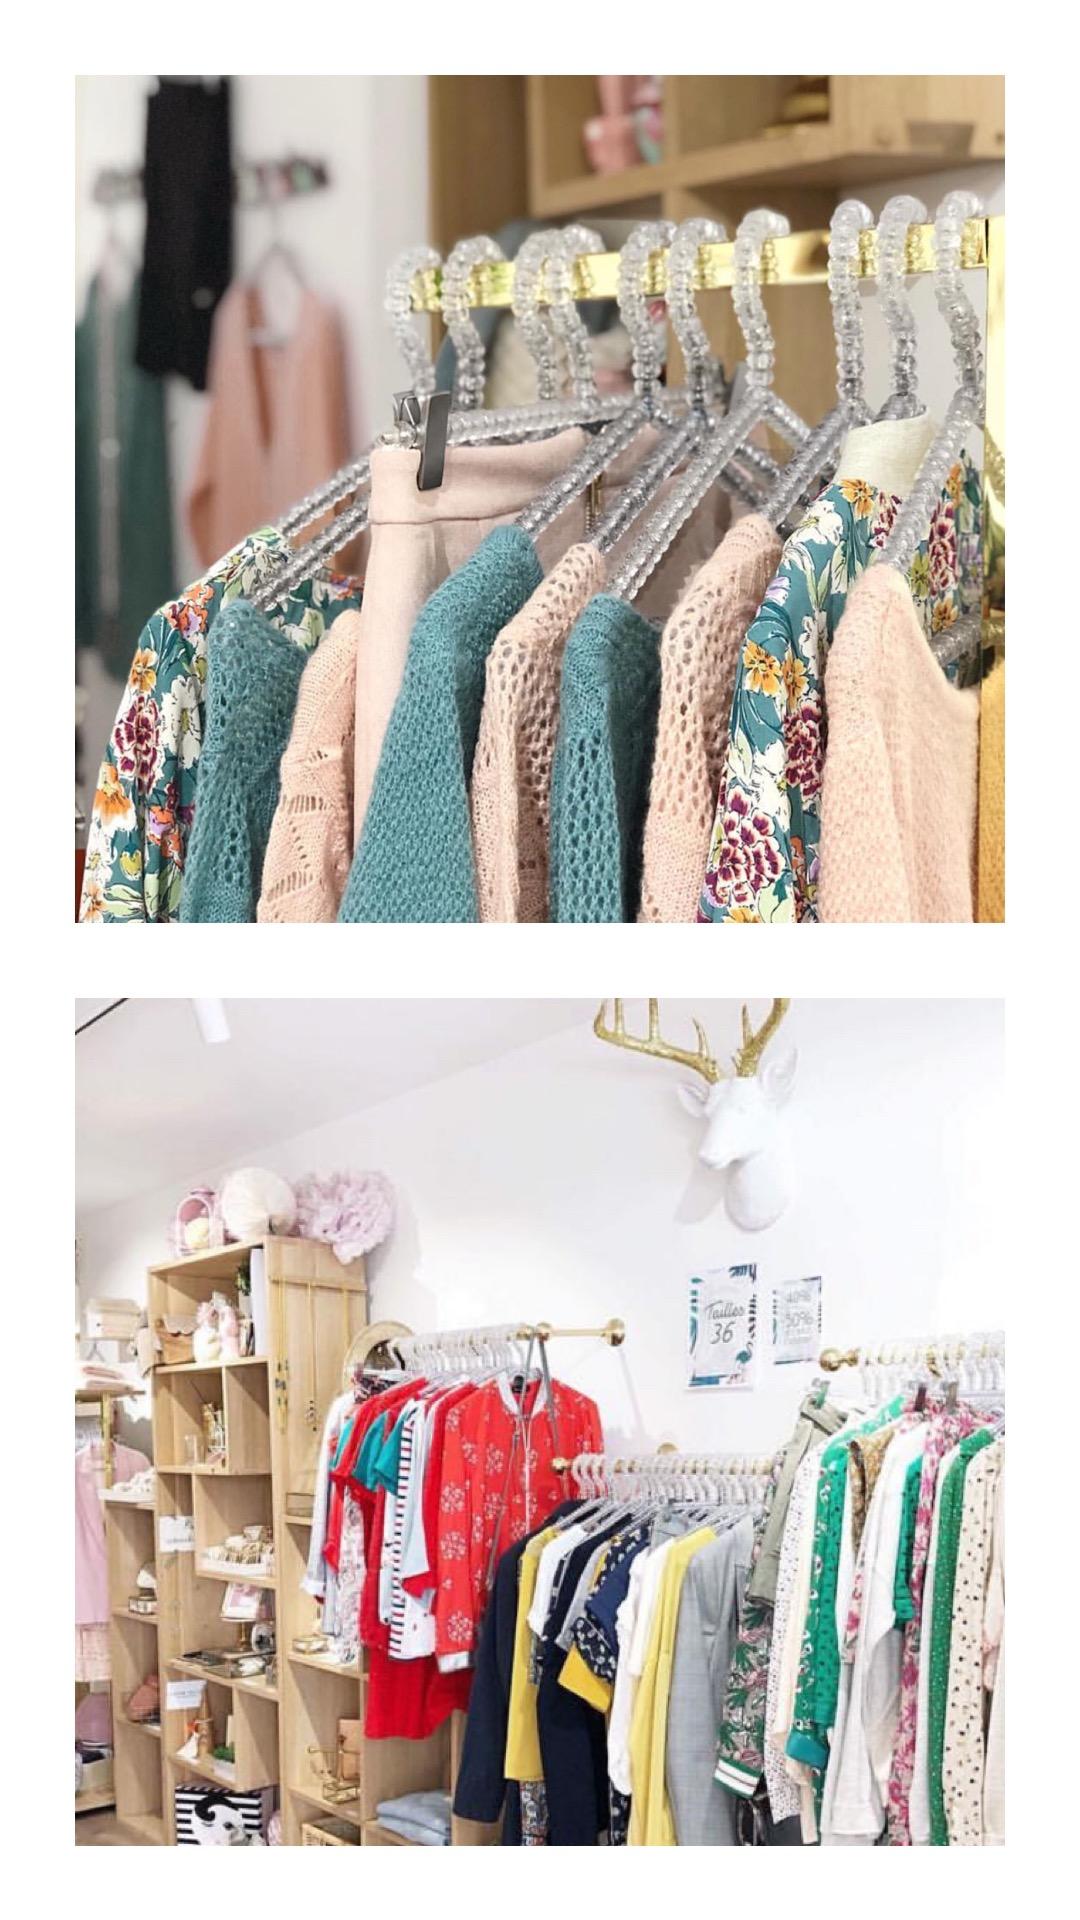 nos_boutiques_javotine_les_petits_javotins_3.jpg